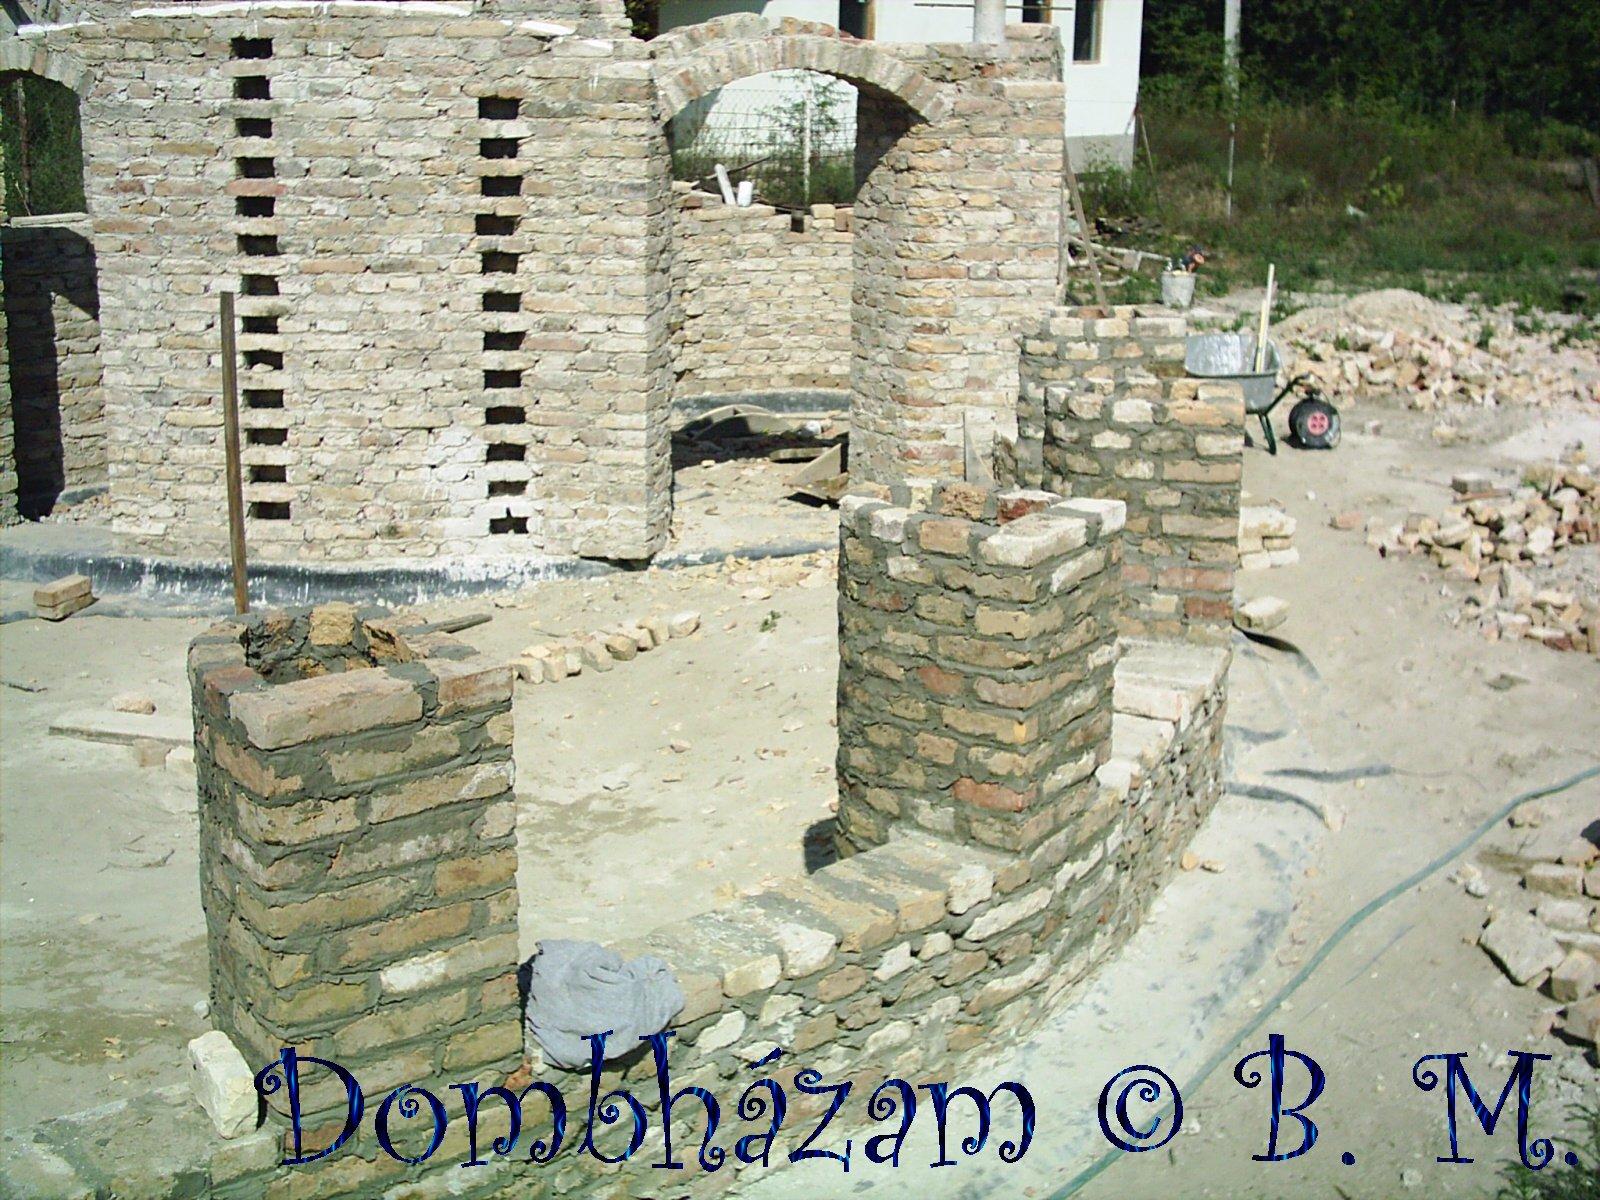 2004_08_05b.jpg